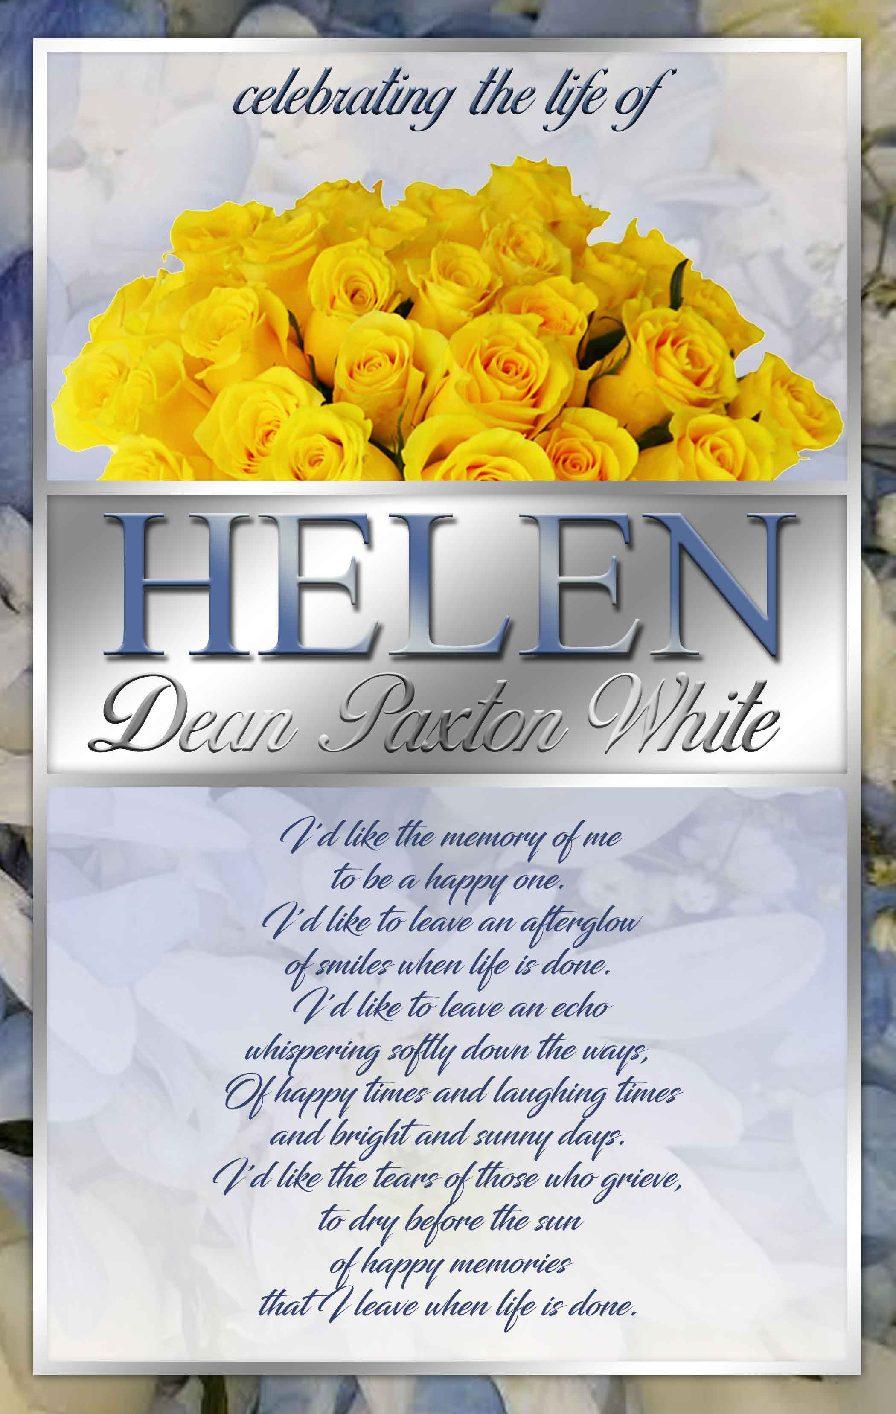 Helen Dean Paxton White